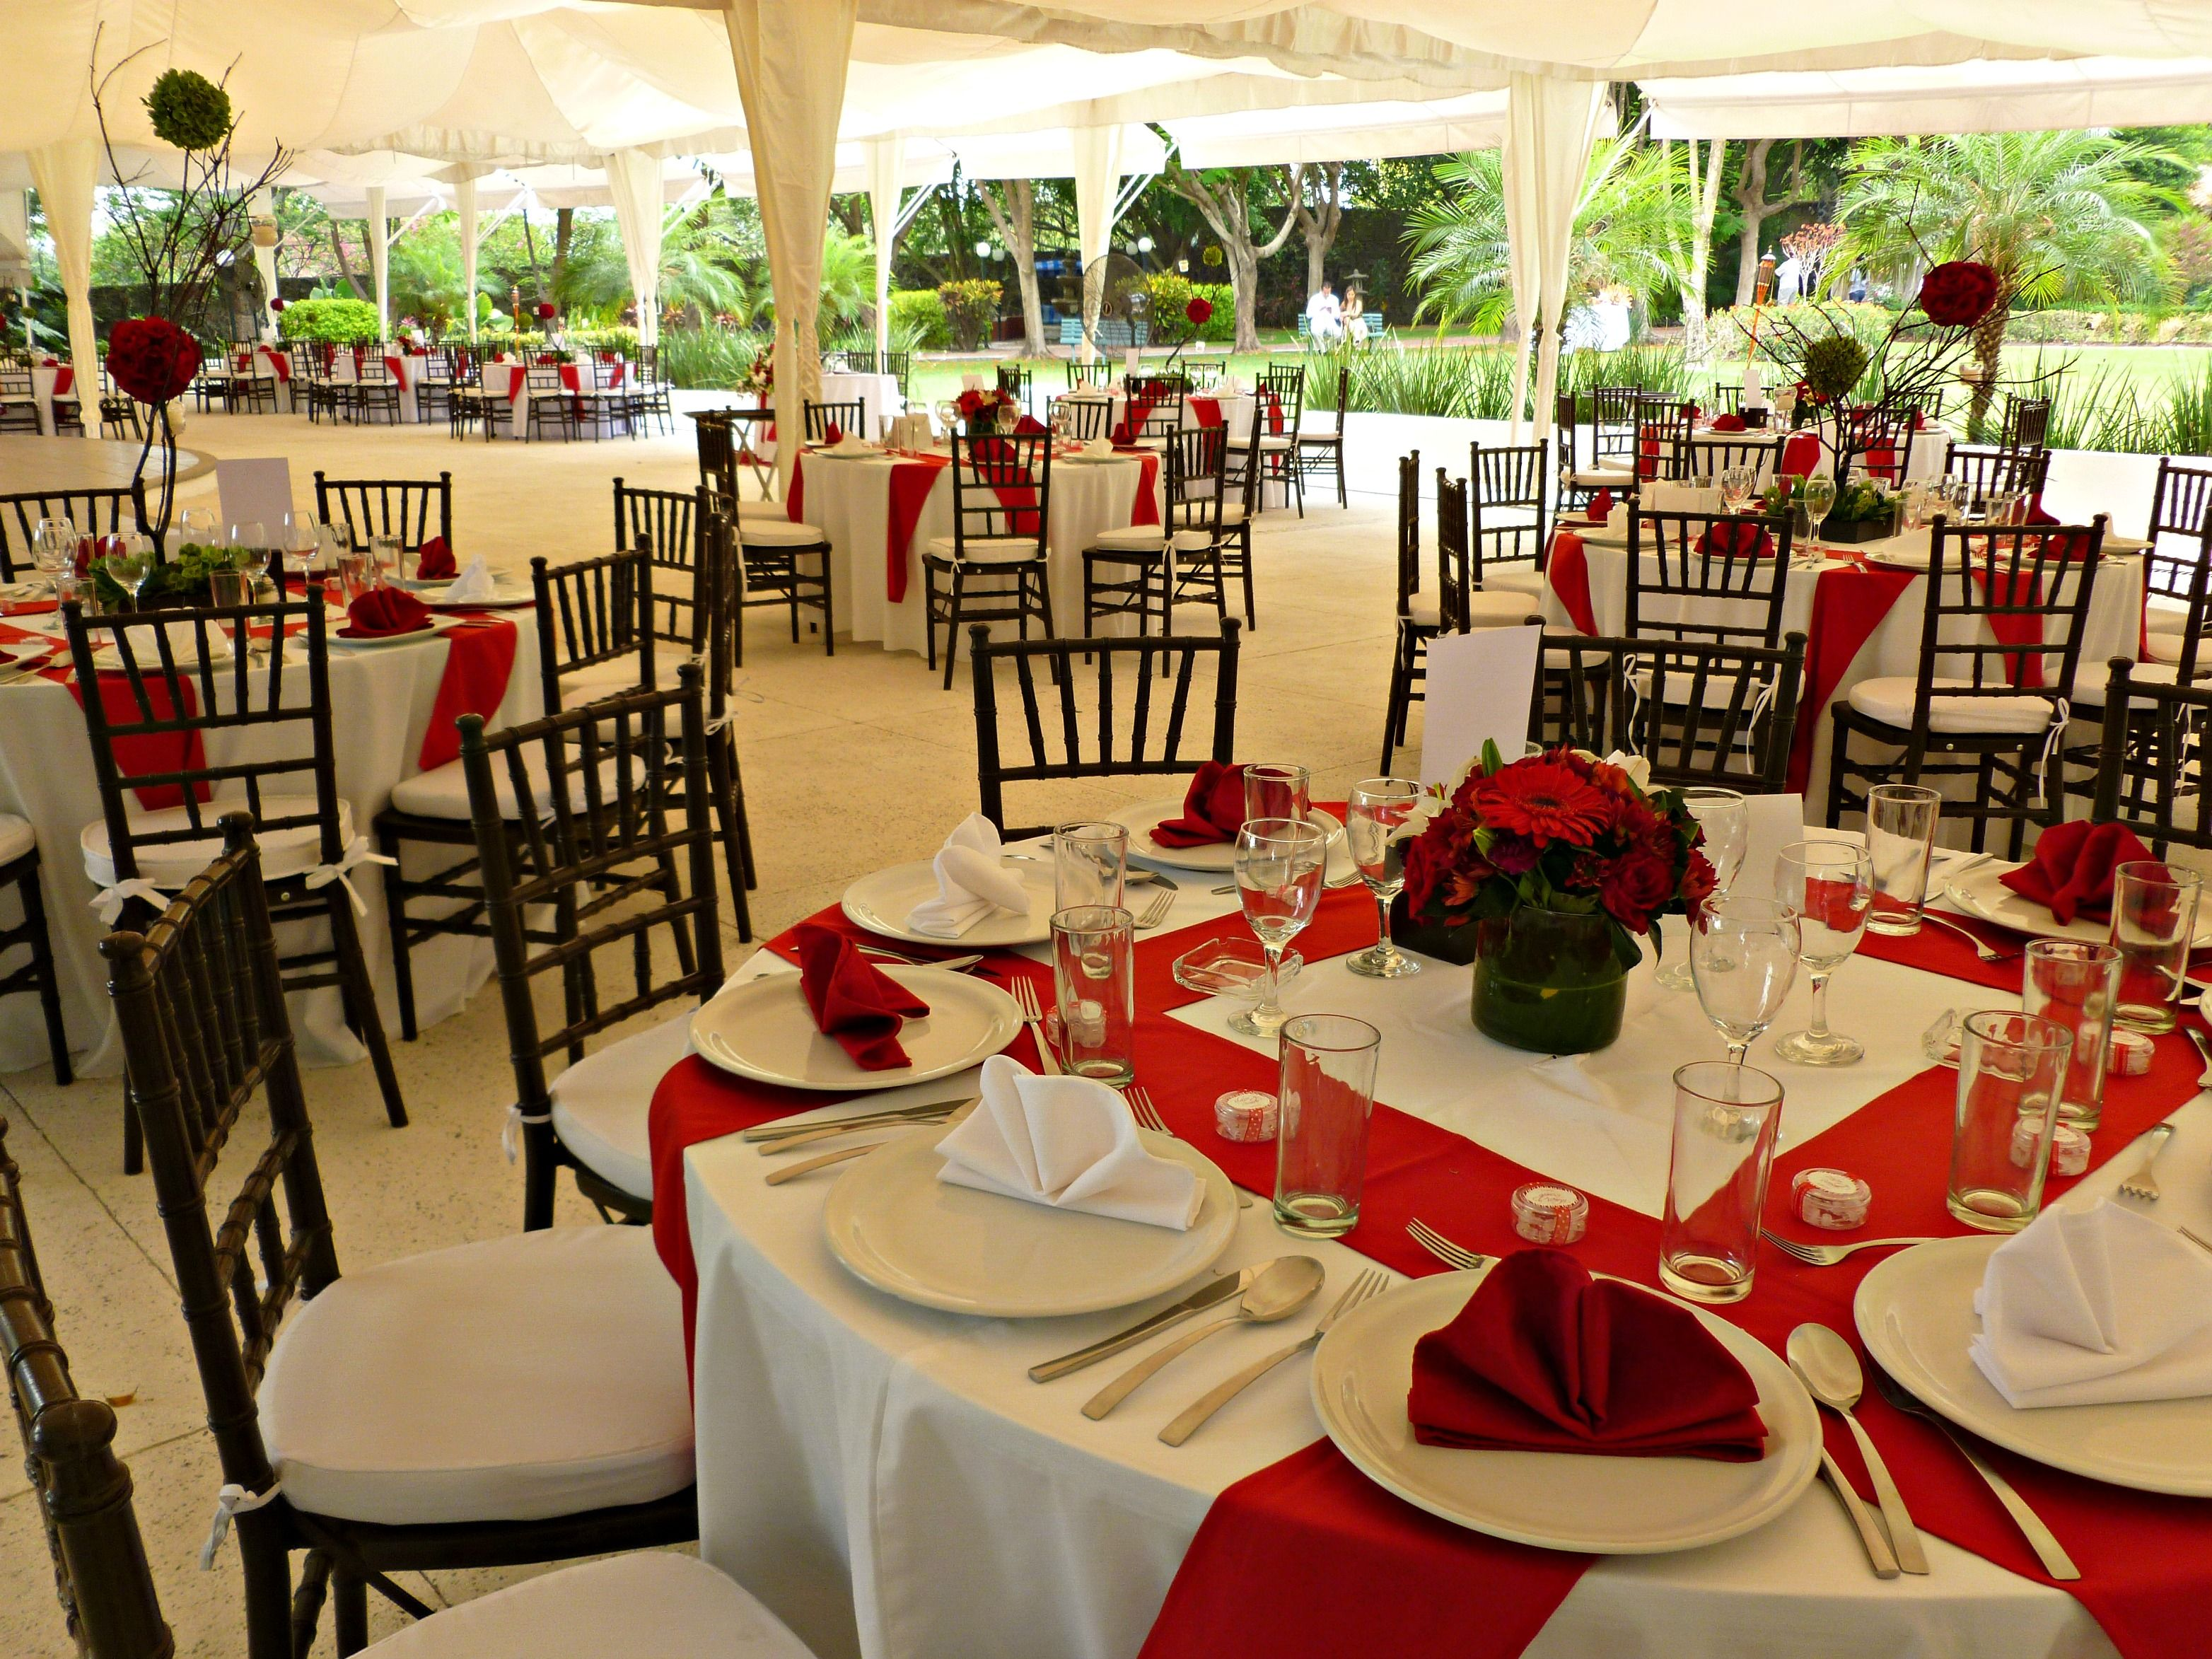 Montaje de boda en mesas redondas sillas tiffany for Sillas para bodas